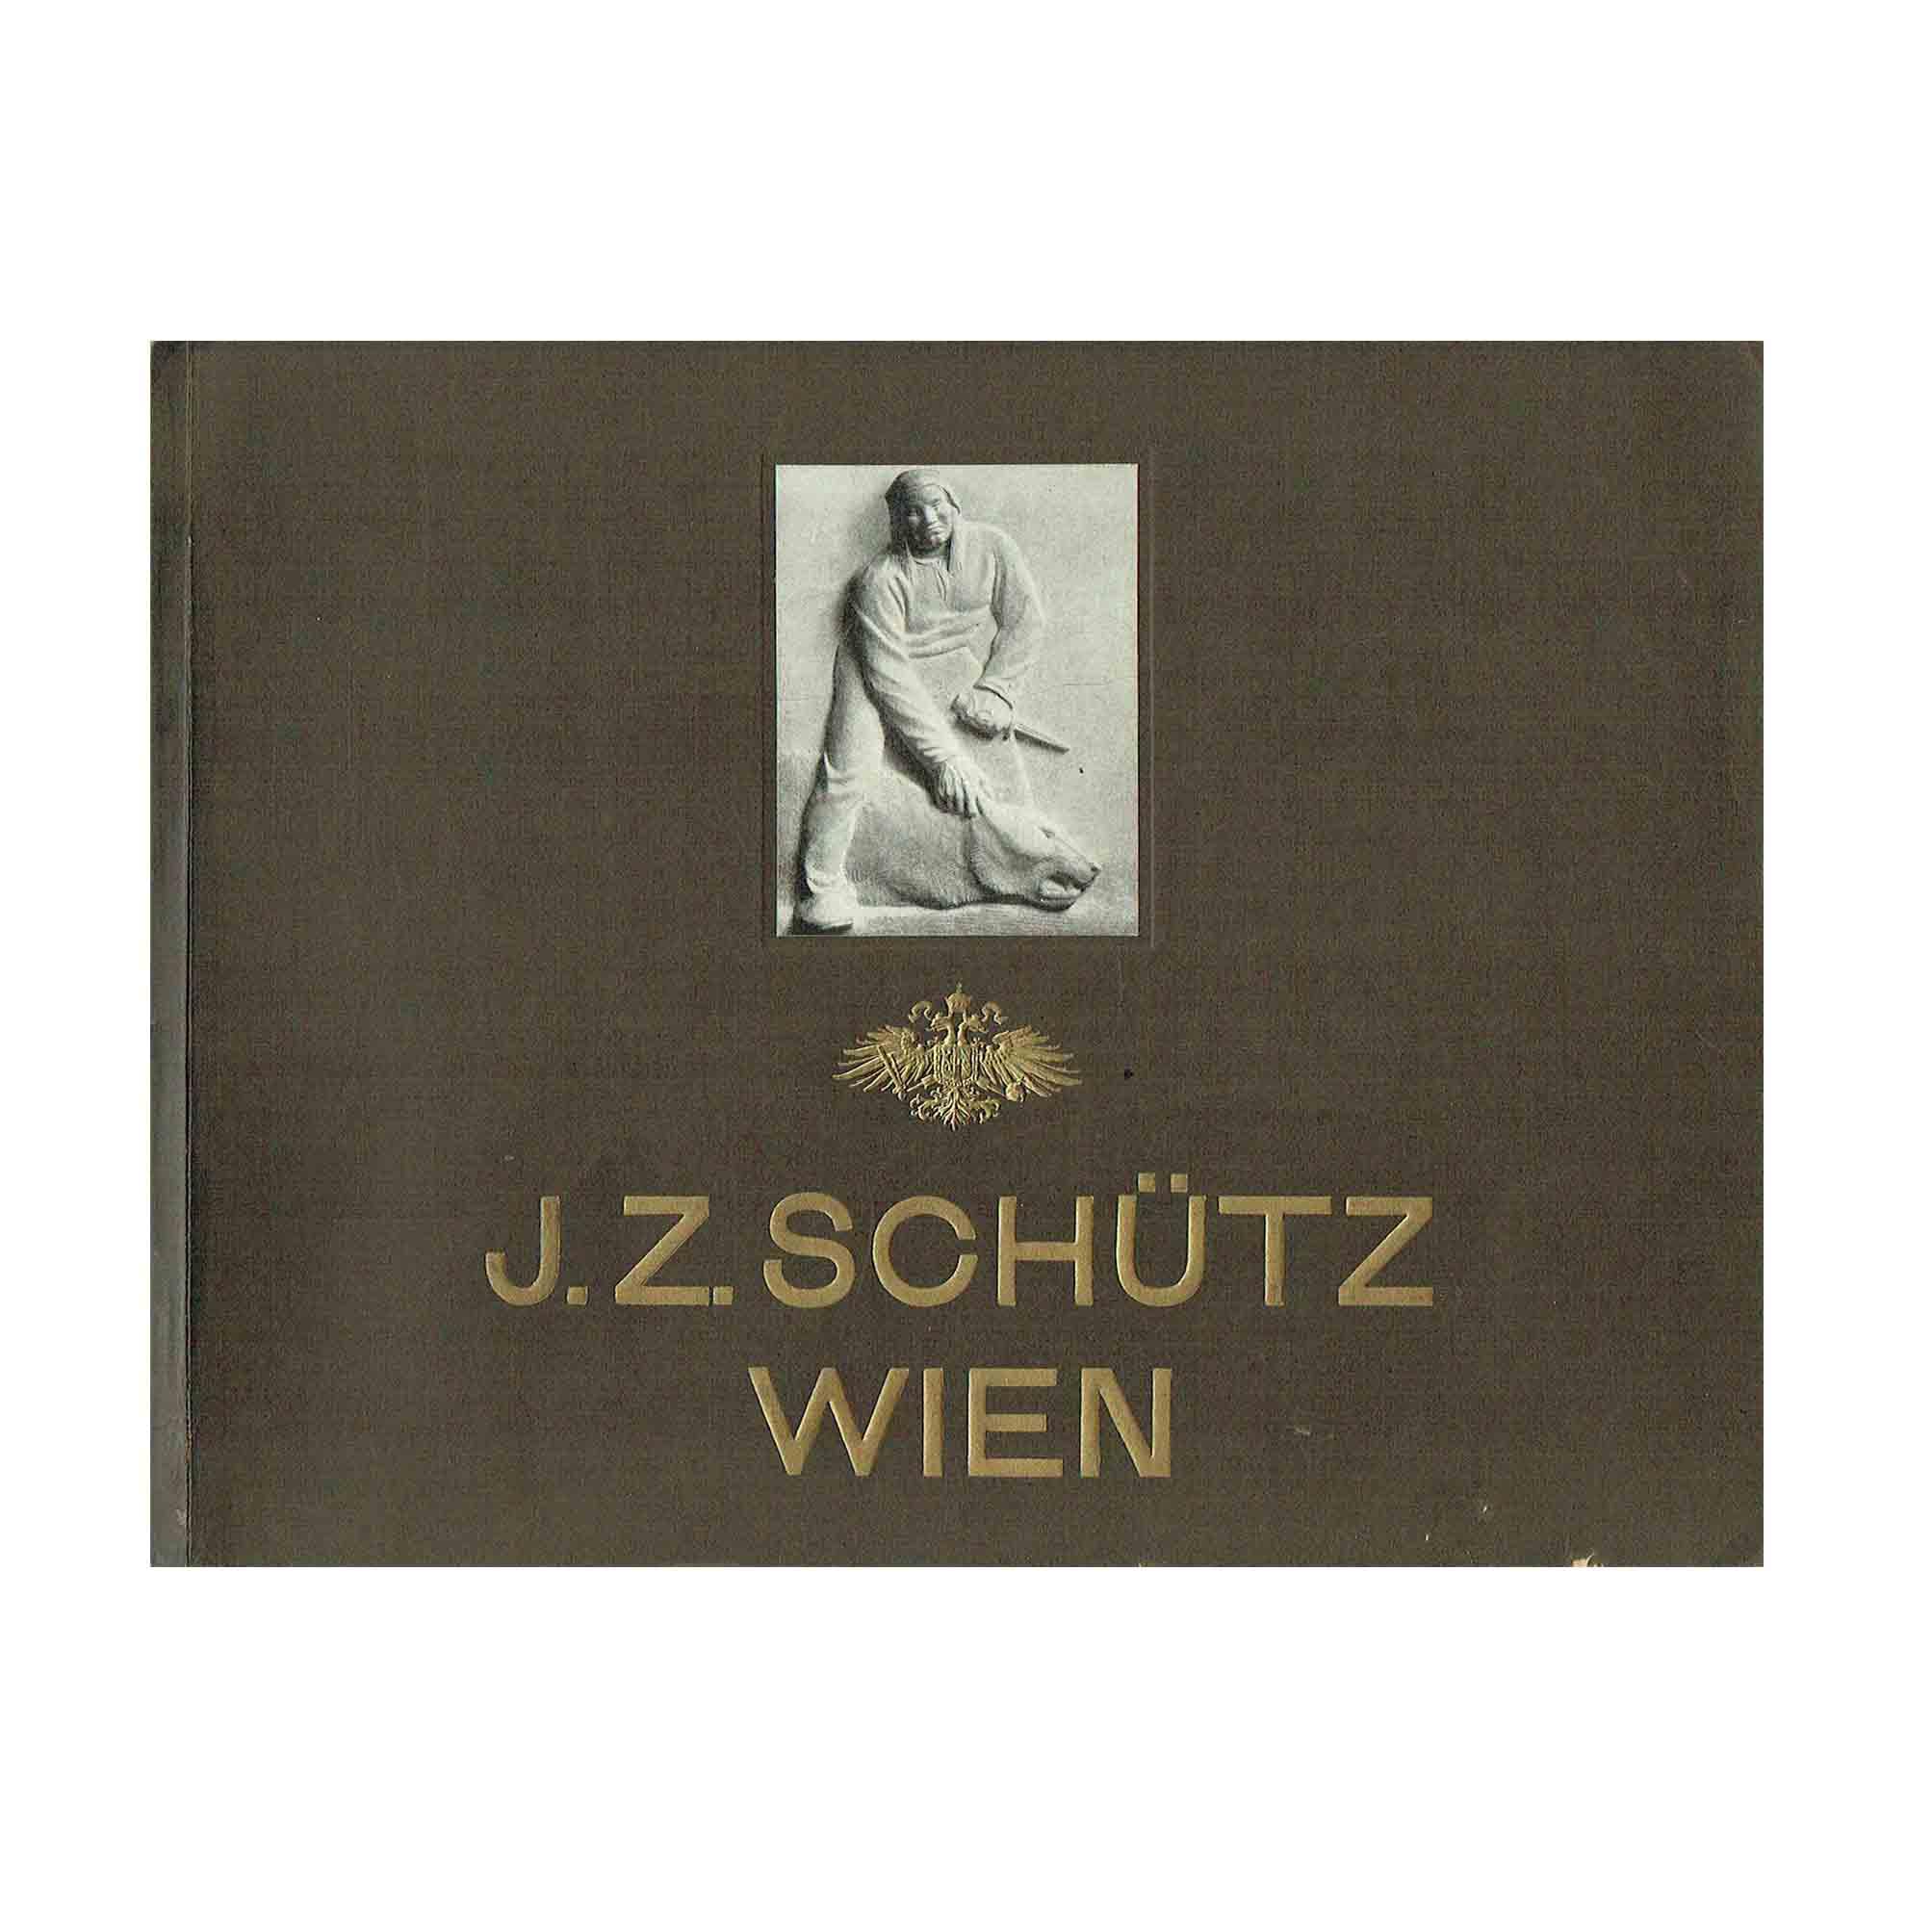 1300-1-Schuetz-Fur-Catalogue-1910-Cover-1-N.jpeg